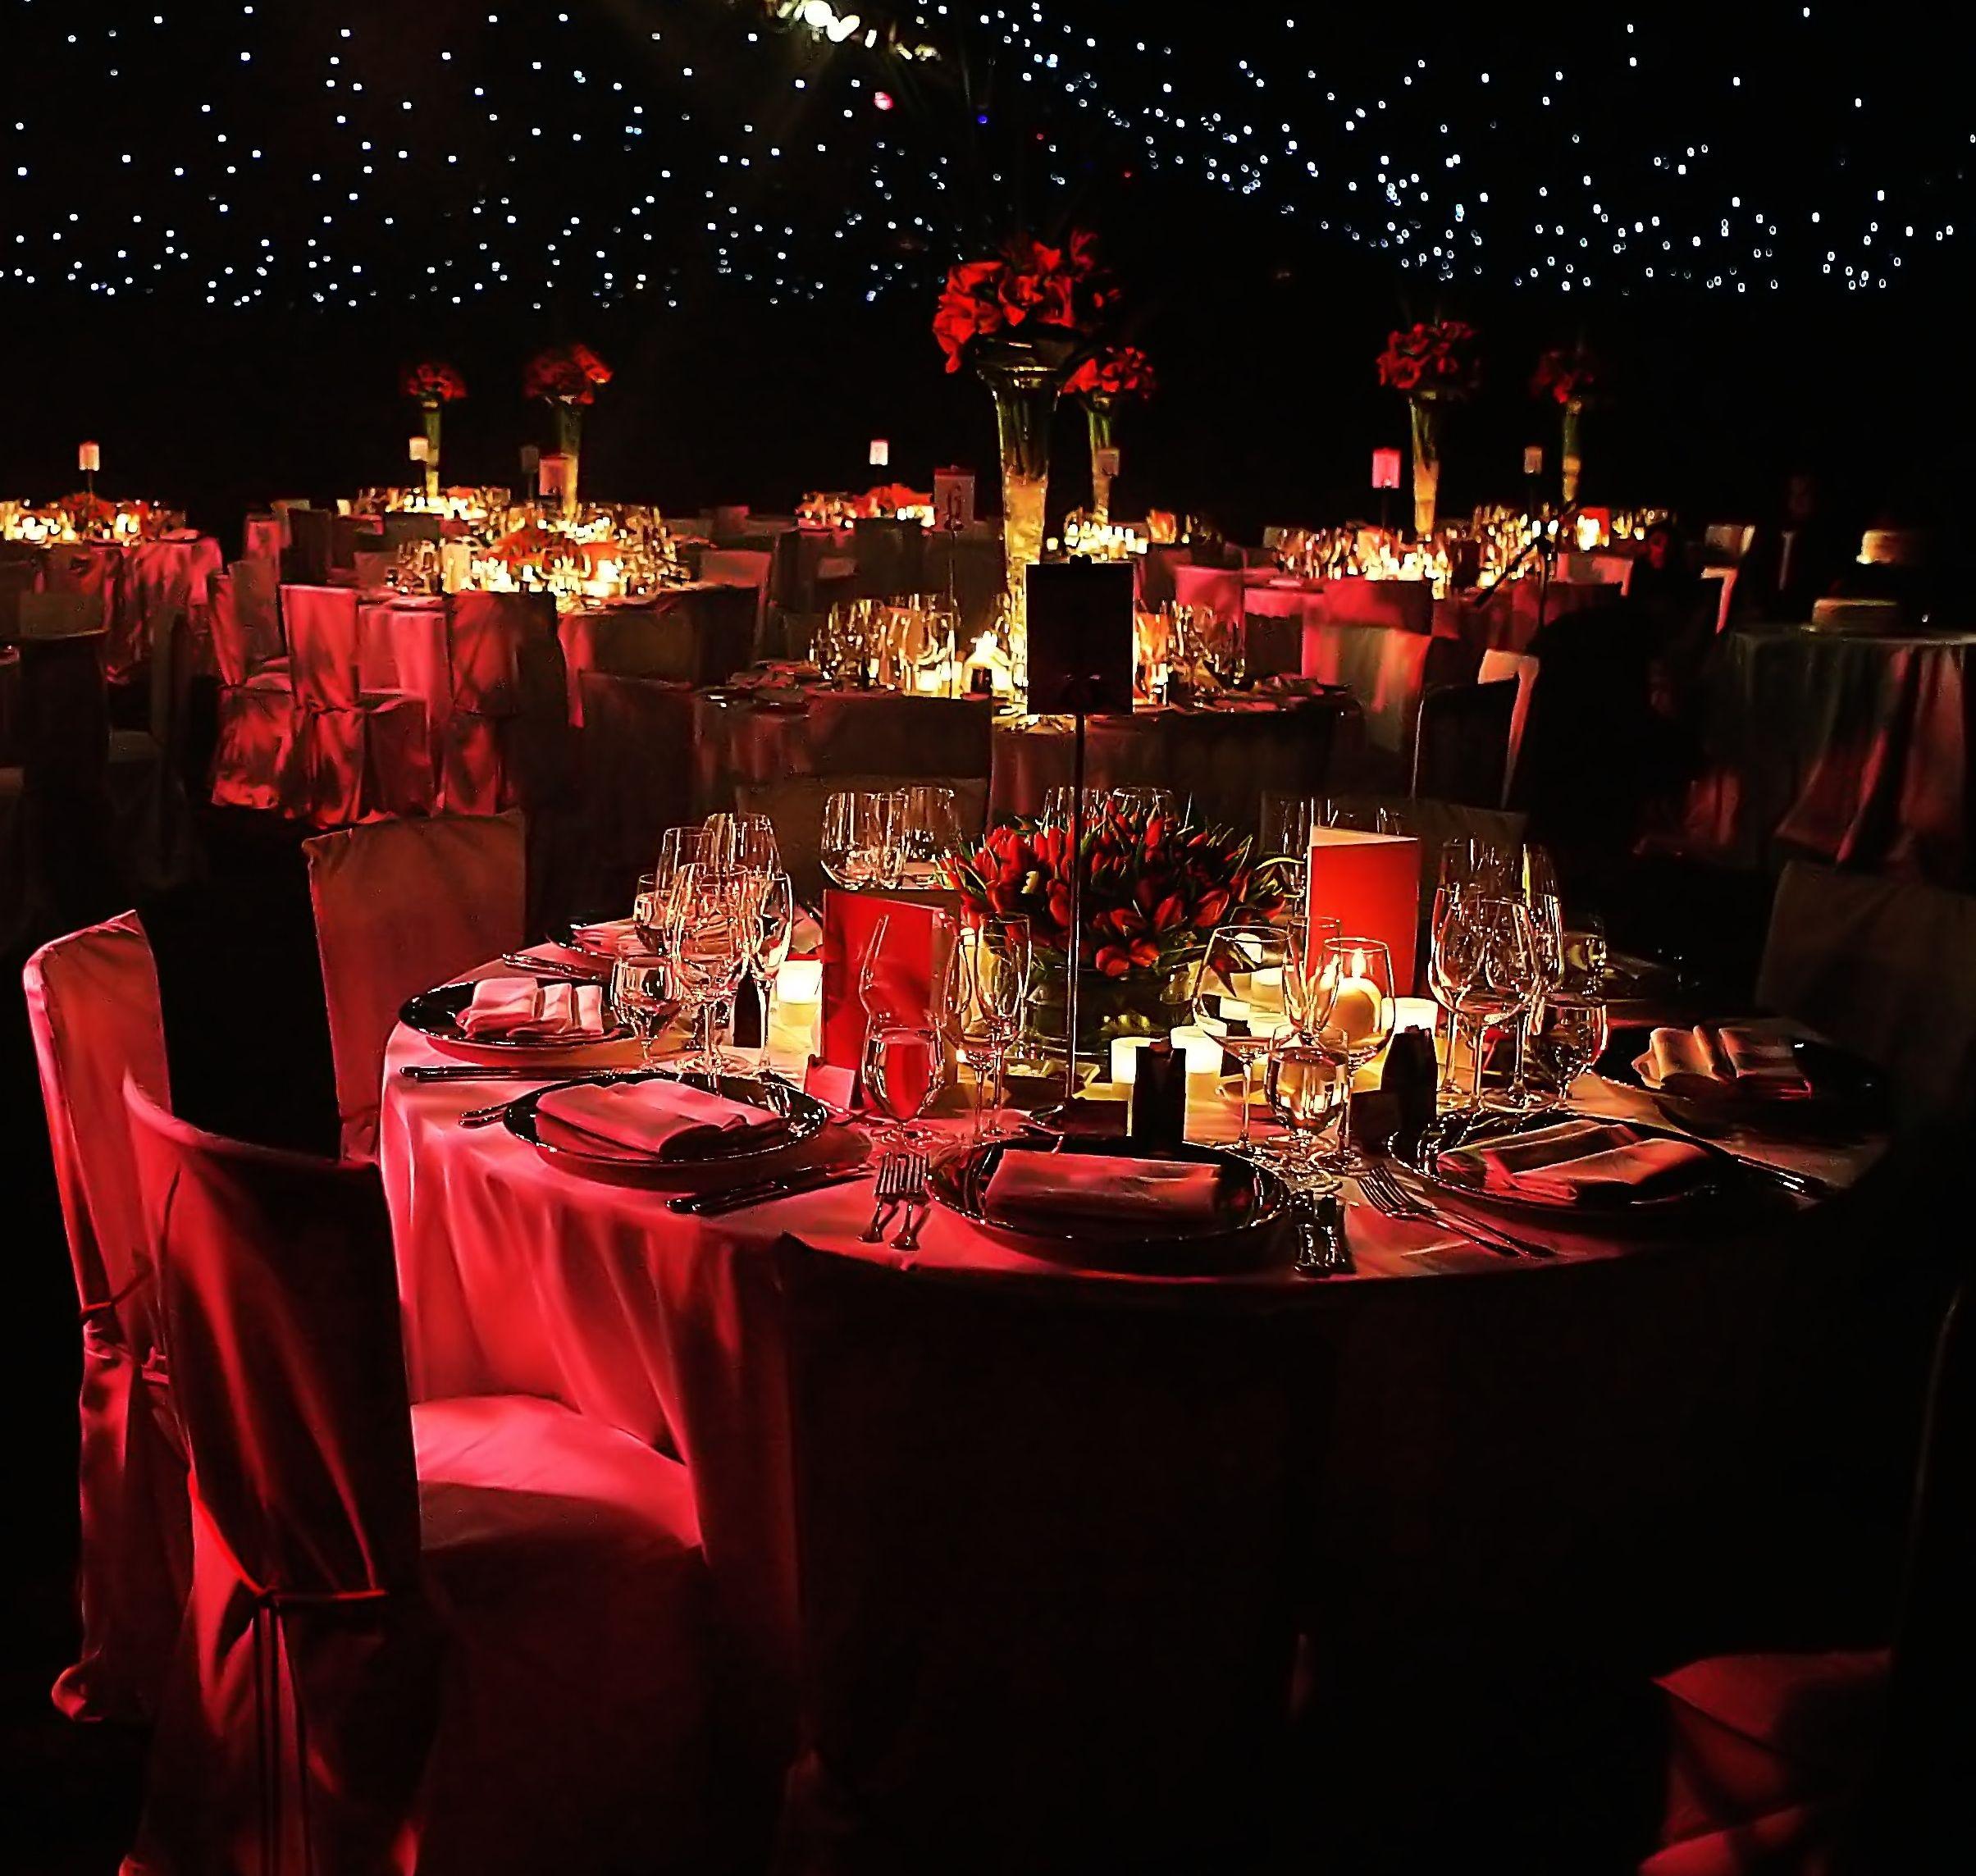 Red Wedding Centrepieces Centrepiece Wedding Flowersred Wedding Centerpieceswedding